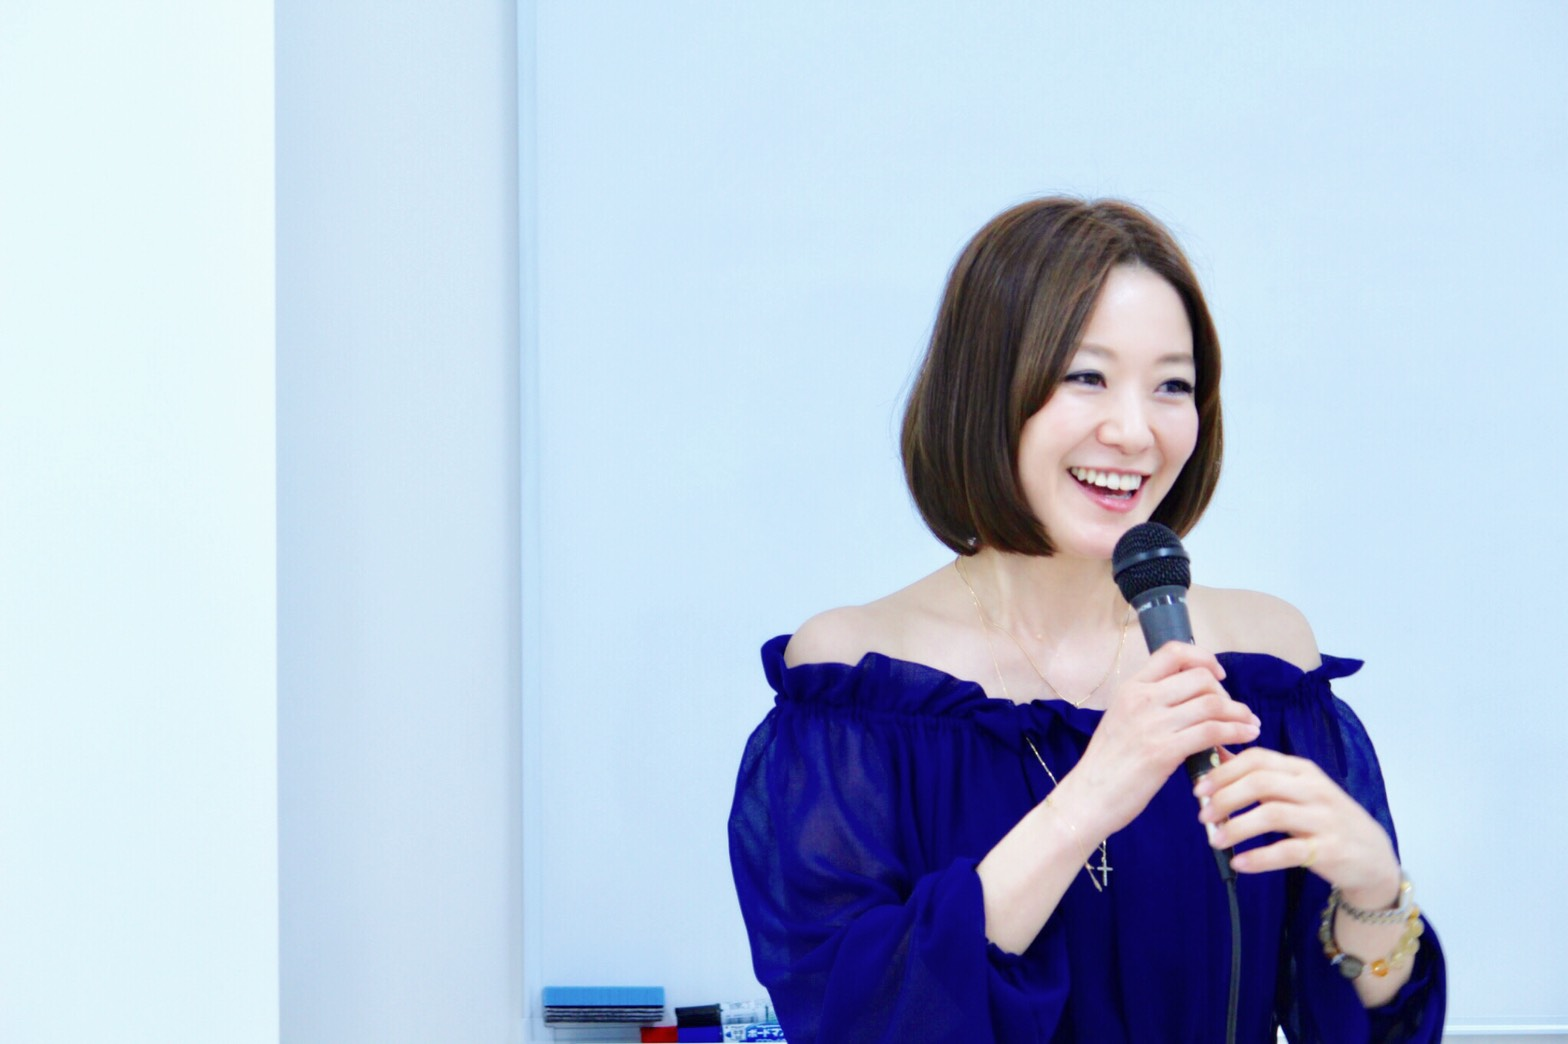 心理美容カウンセラー講座in東京開催決定のアイキャッチ画像